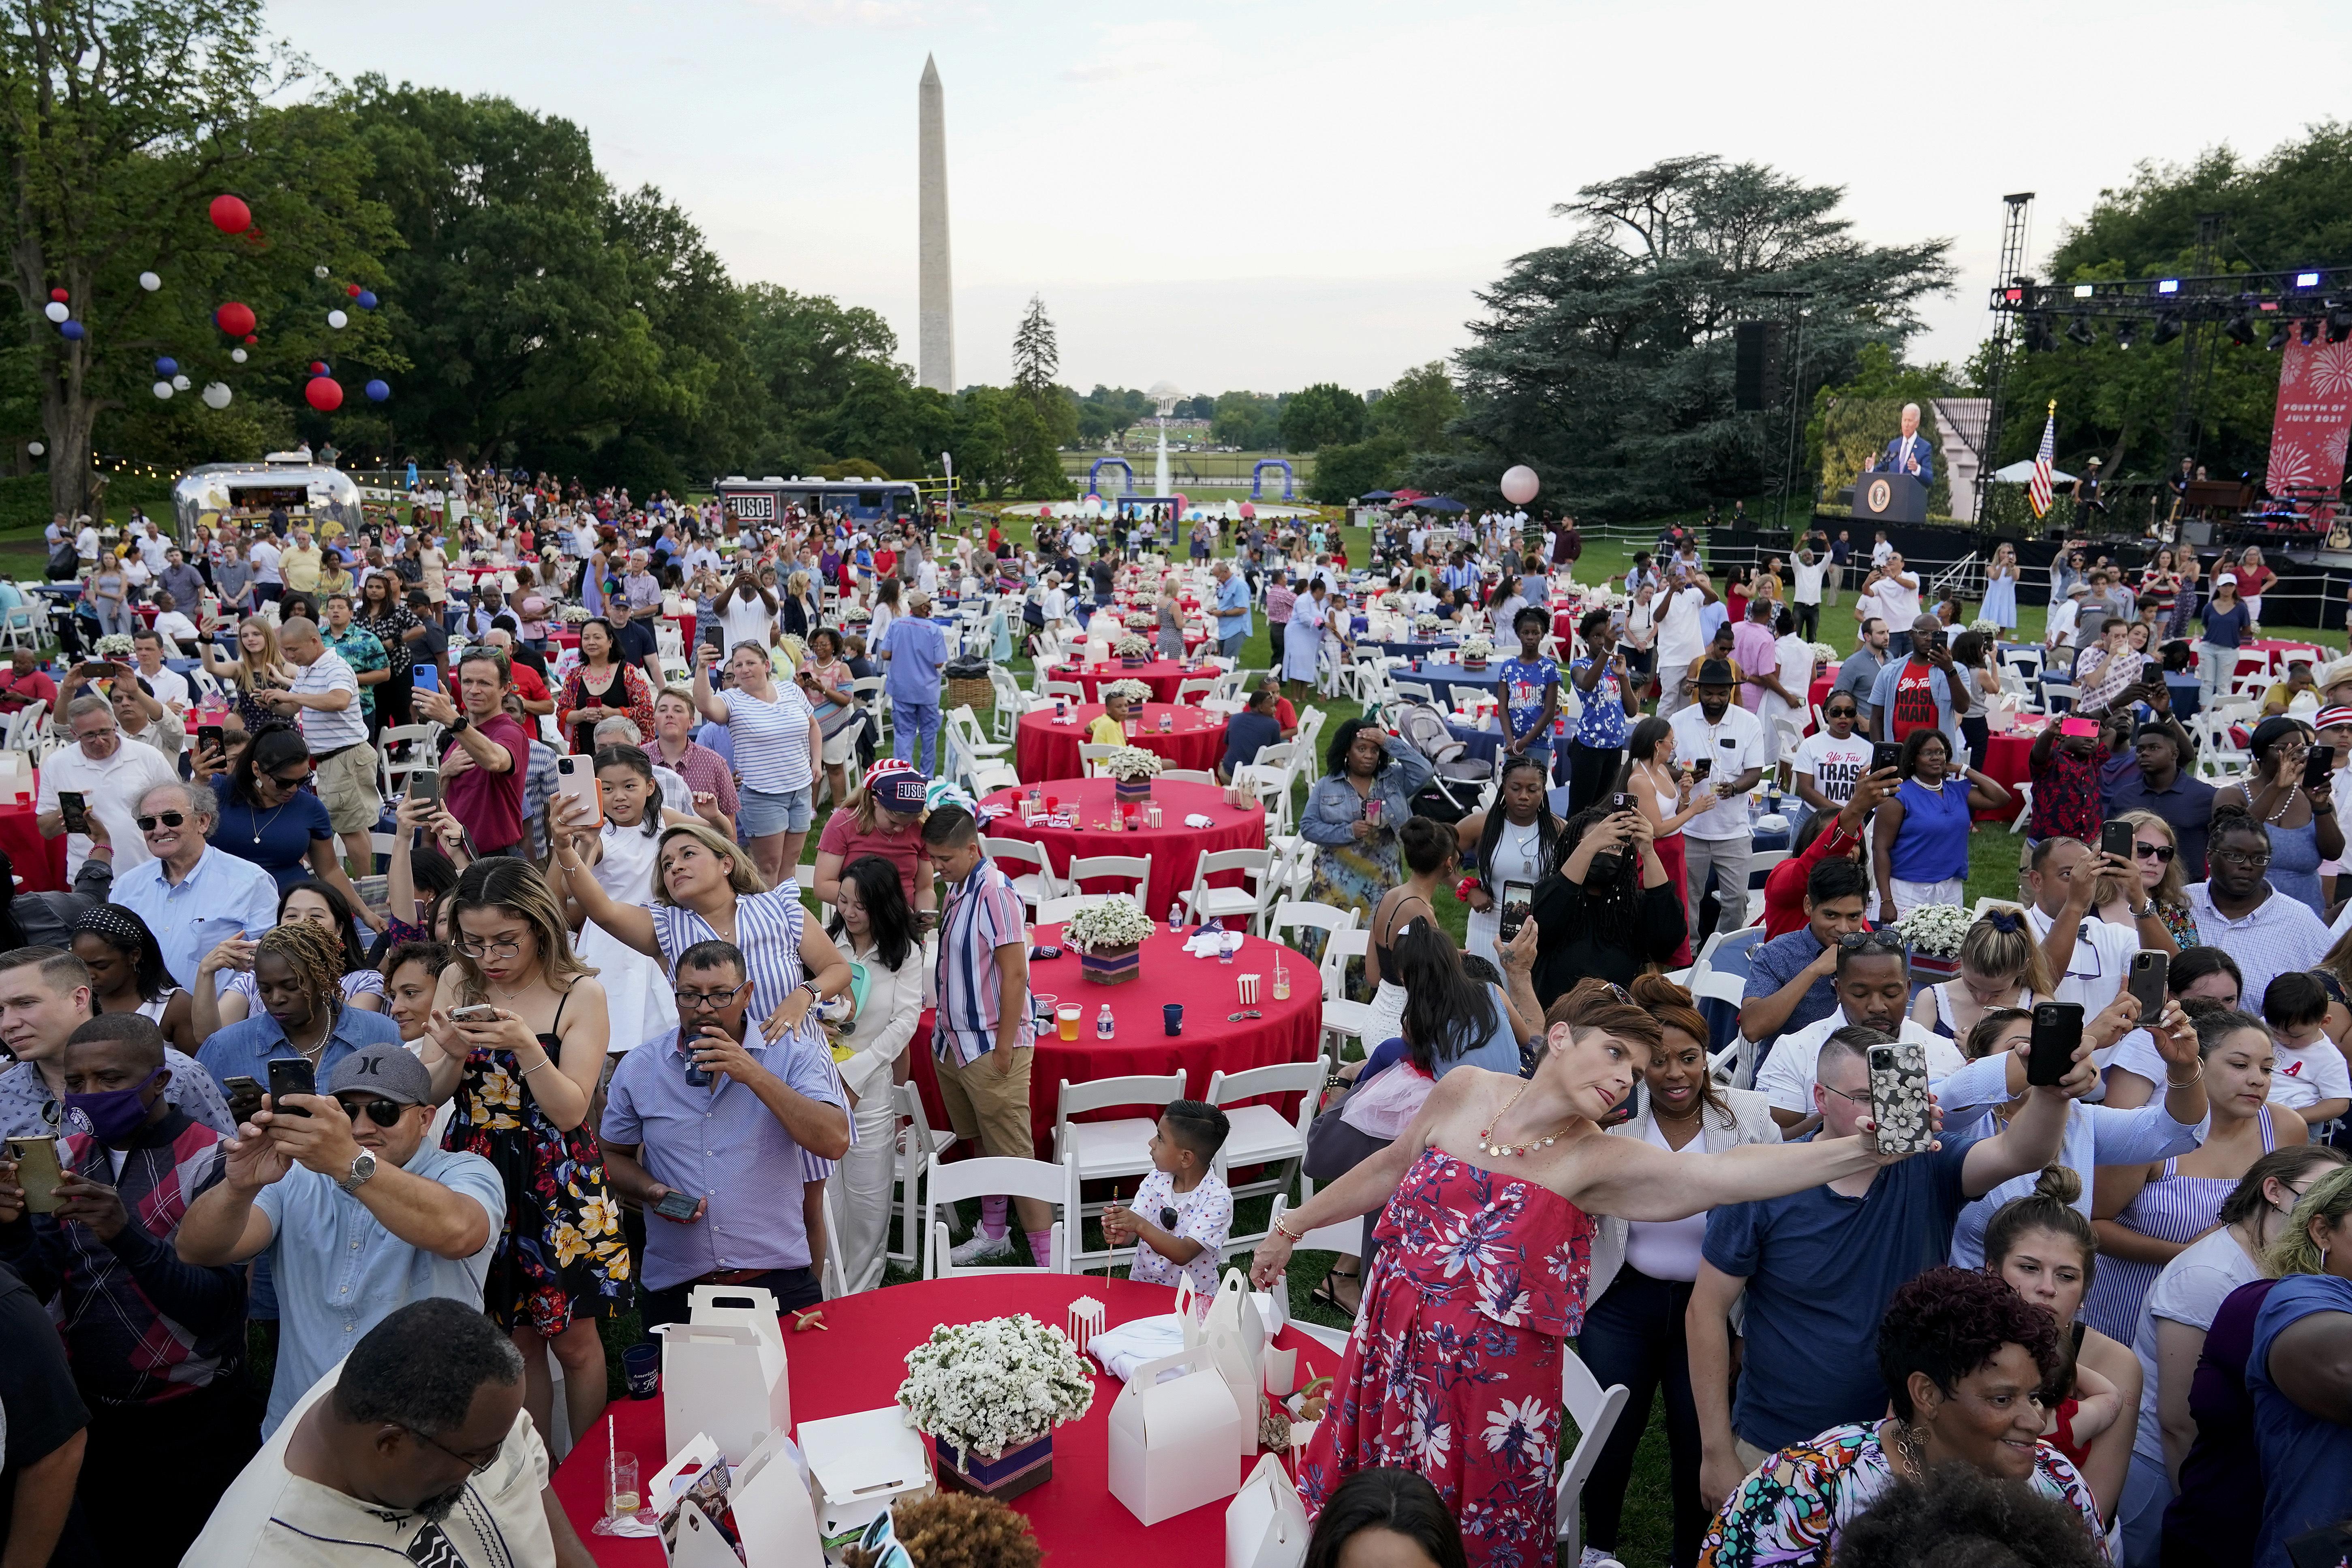 Para peserta mendengarkan saat Presiden Joe Biden berbicara selama perayaan Hari Kemerdekaan pada hari Minggu, 4 Juli 2021, di halaman selatan Gedung Putih.  (Foto AP / Patrick Semensky)